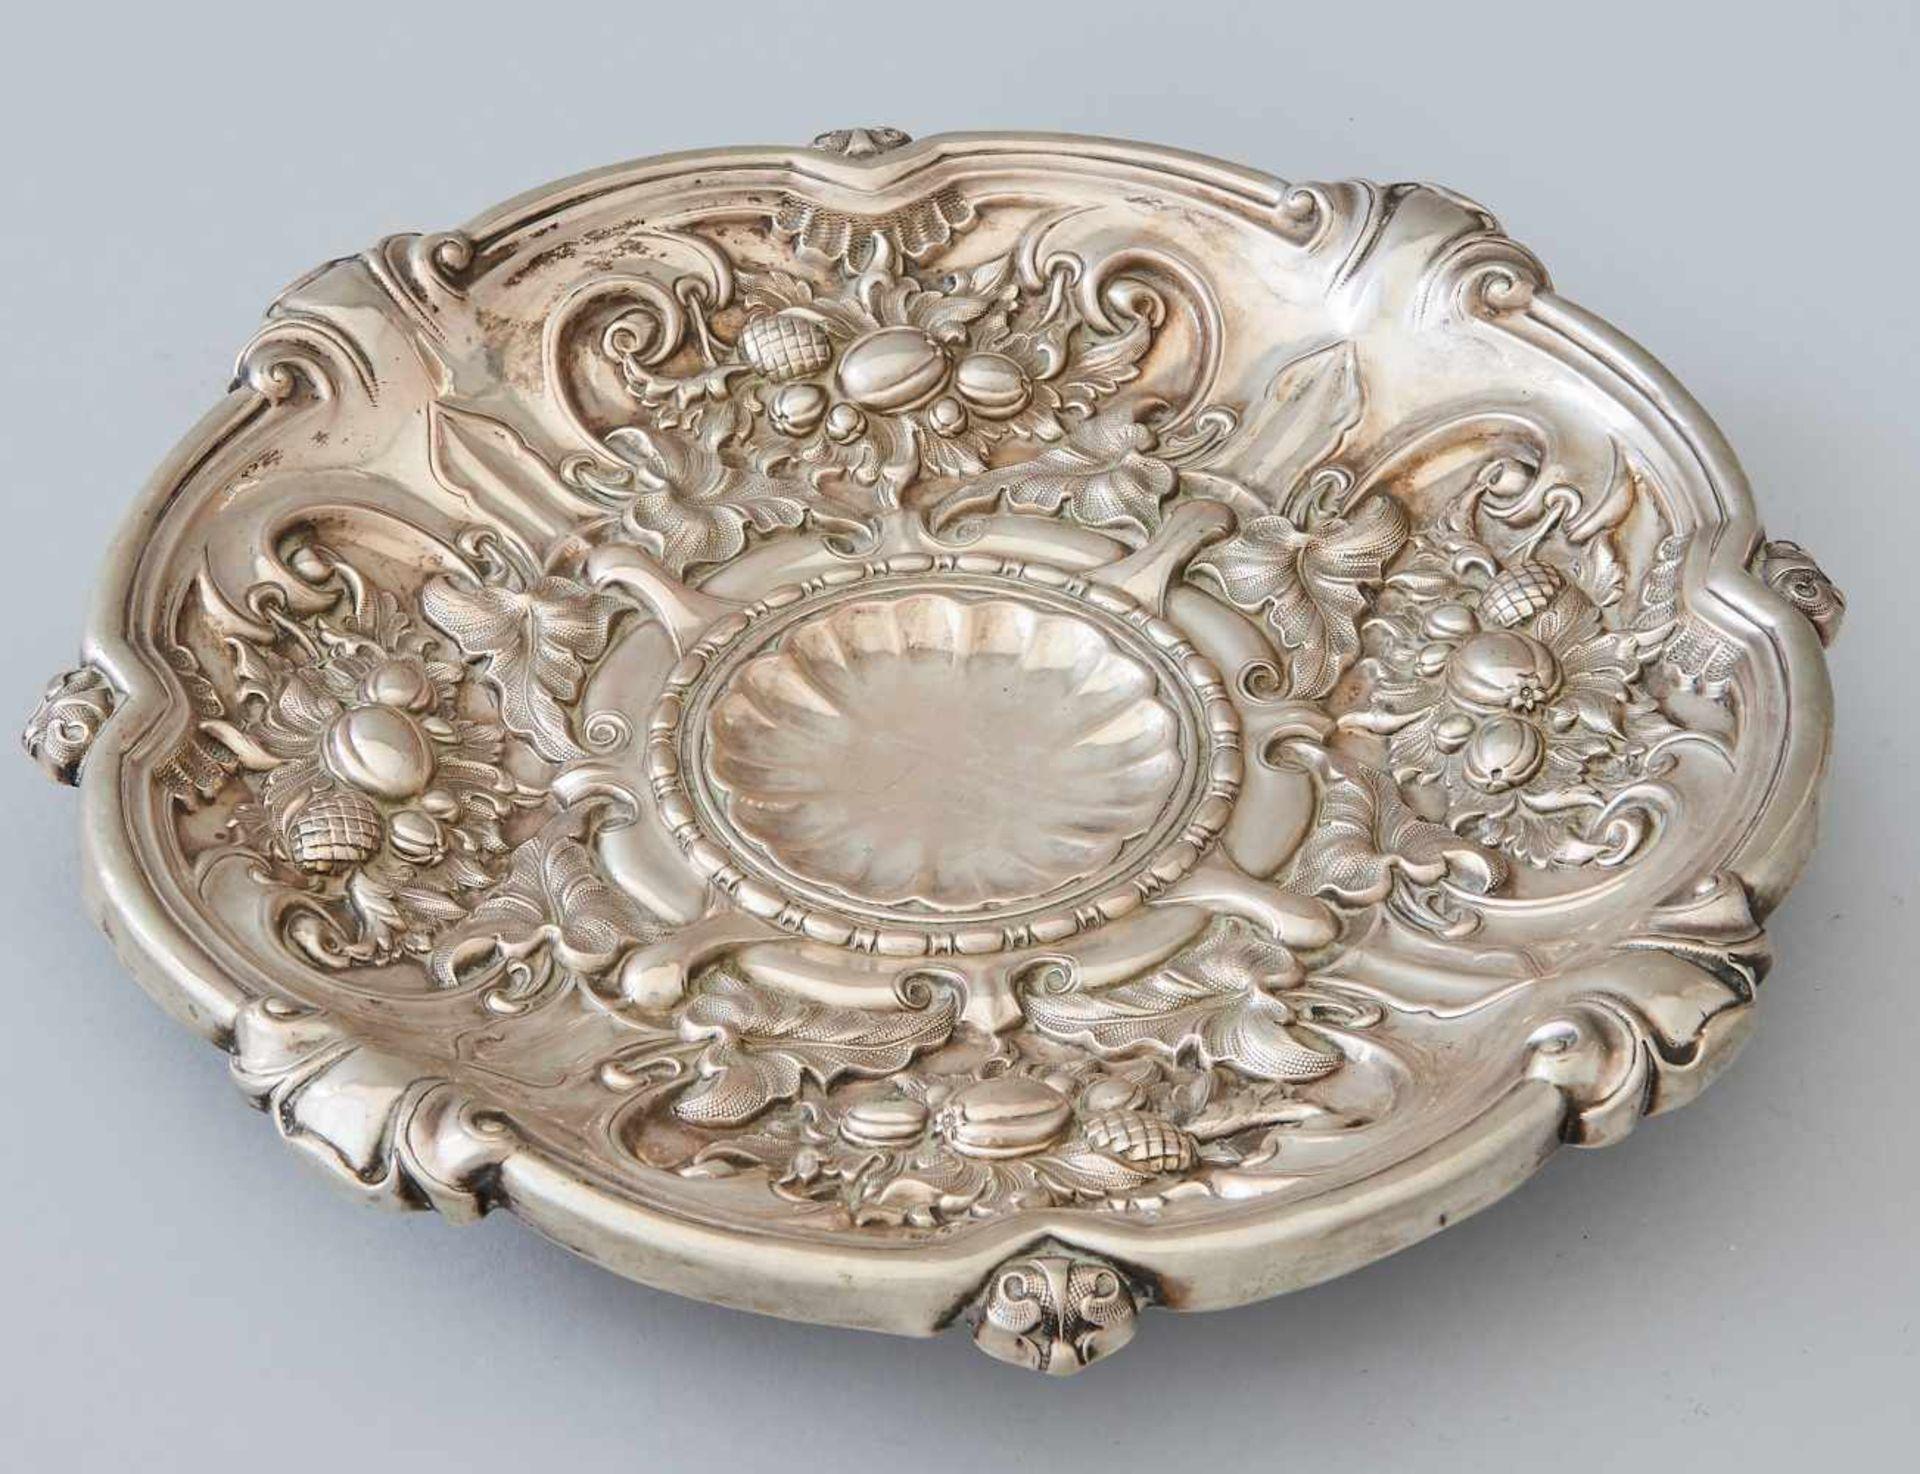 Los 65 - Silber Obstschale 19. Jhdt.Silber geprüft, gestempelt (unentschlüsselt). Gewicht 220 Gramm,